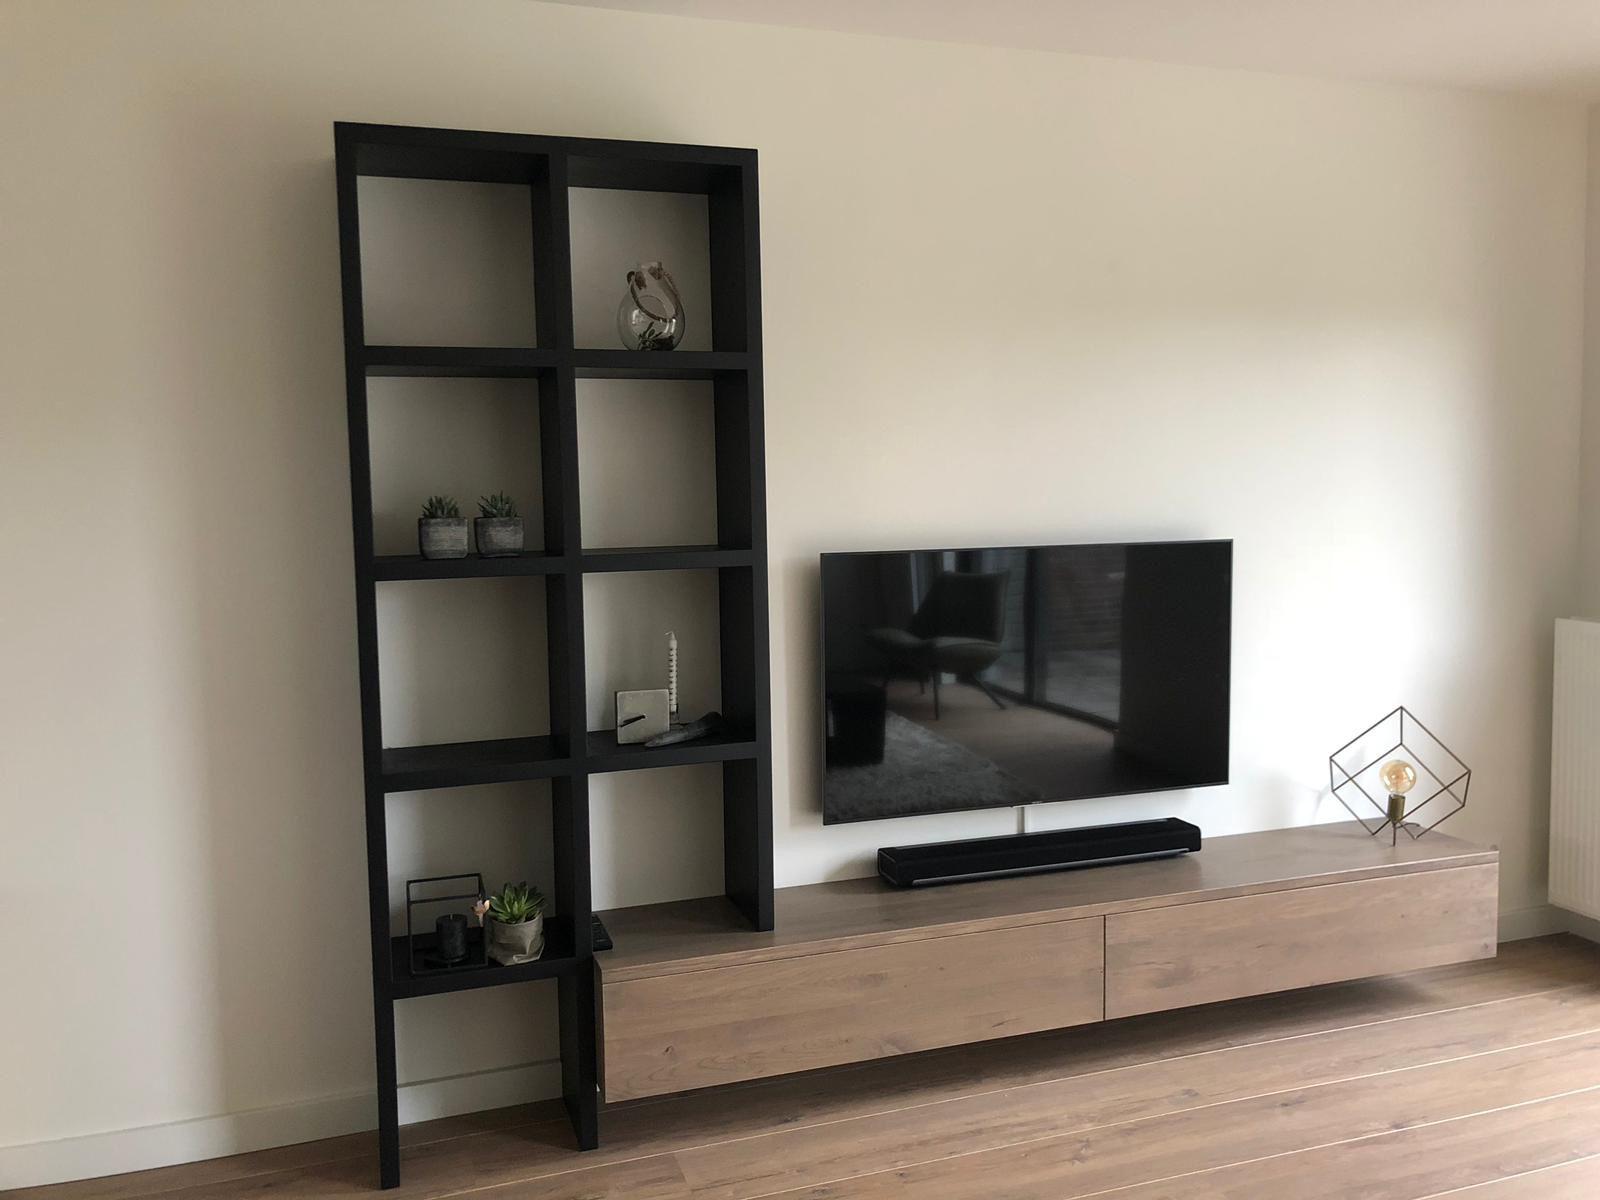 Tv Meubels Op Maat Oud Is Nieuw Biddinghuizen Meubels Interieur Woonkamer Tv Meubels